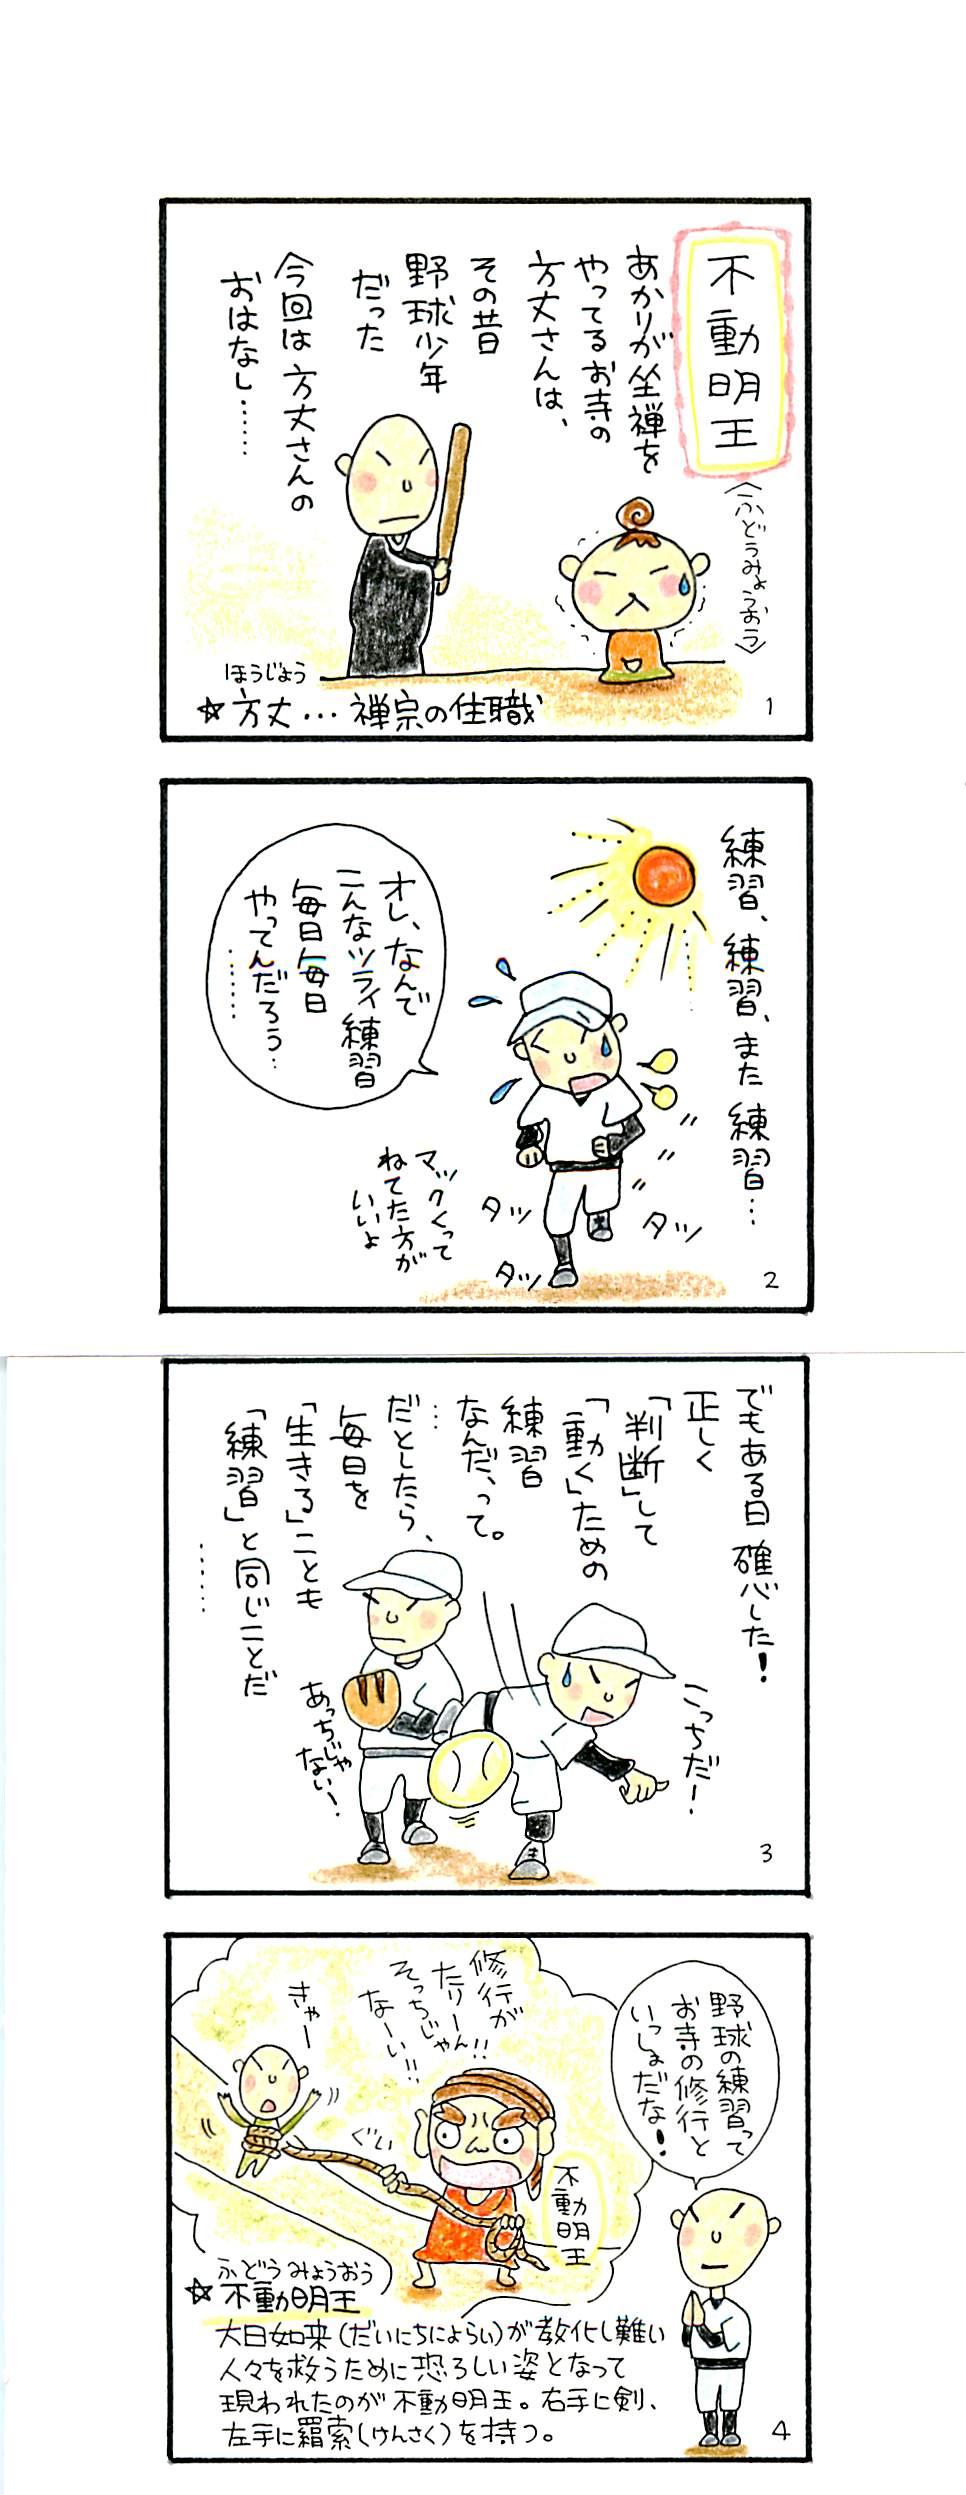 お不動さんp1-p4